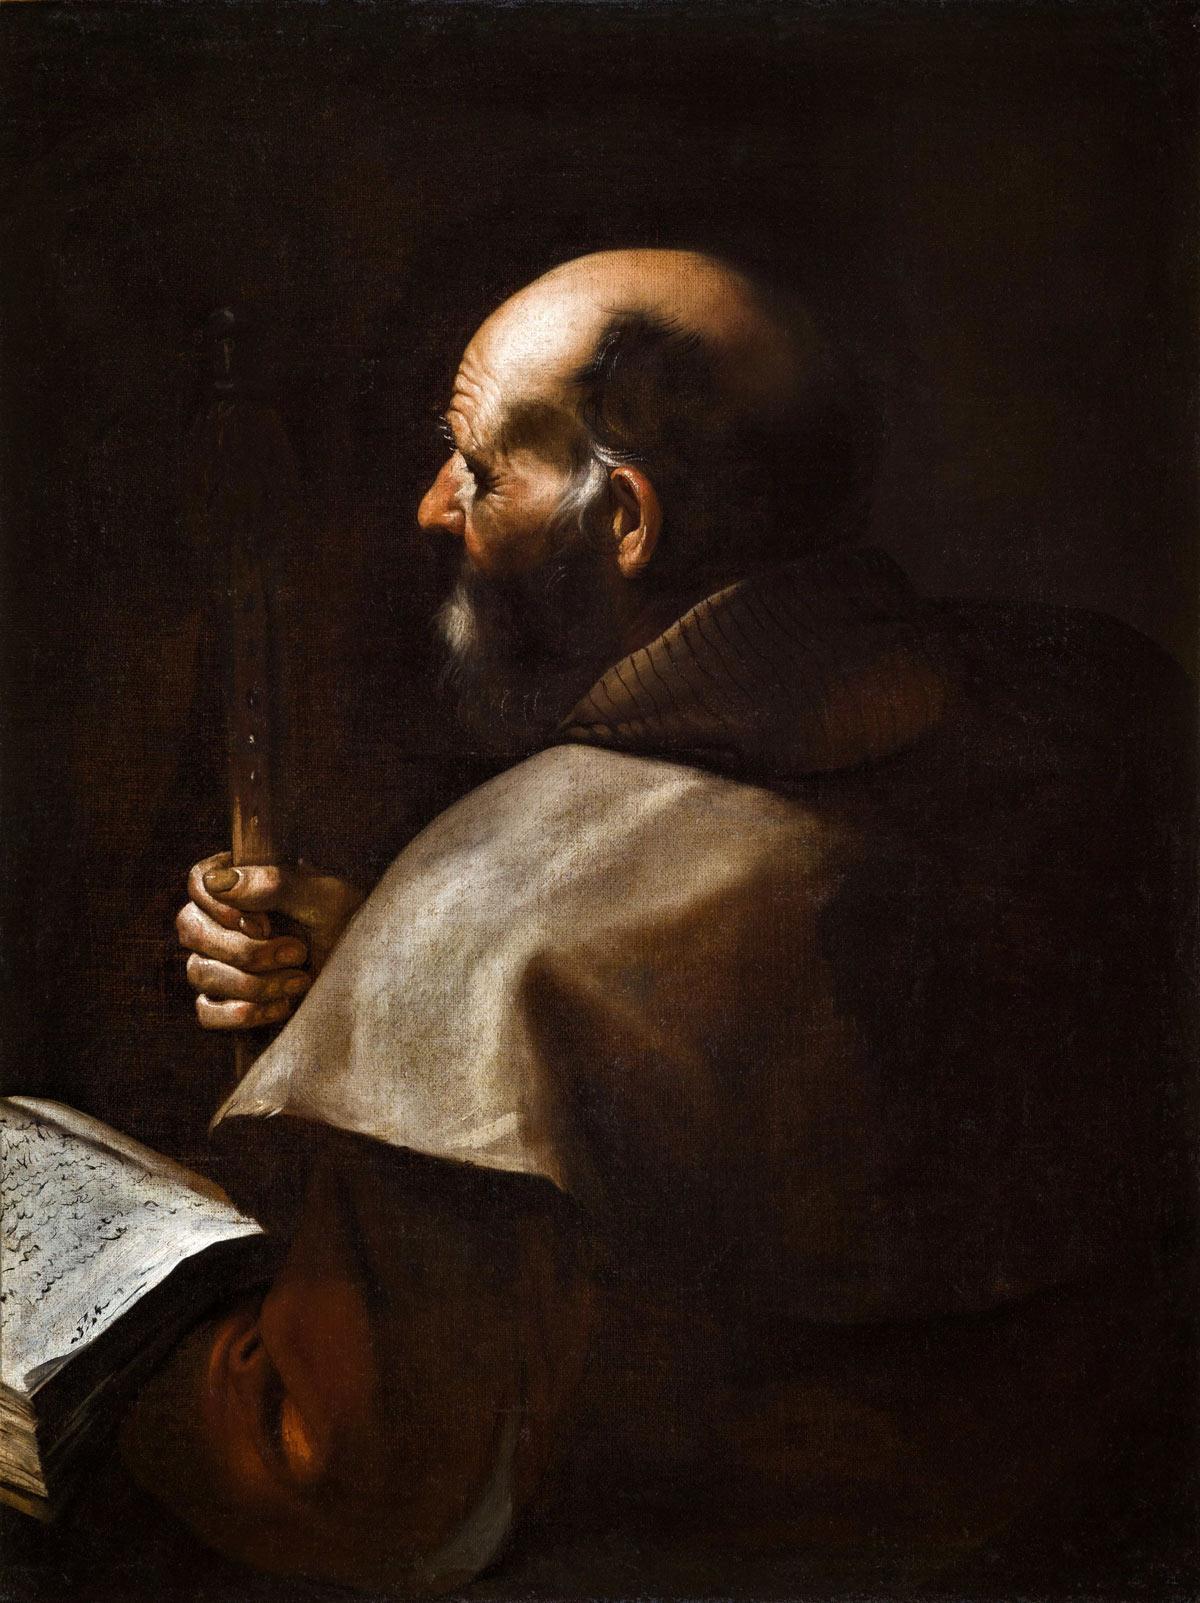 Mattia Preti, Apostolo (1635 circa; olio su tela, 97 x 73,5 cm; Torino, Galleria Giamblanco)